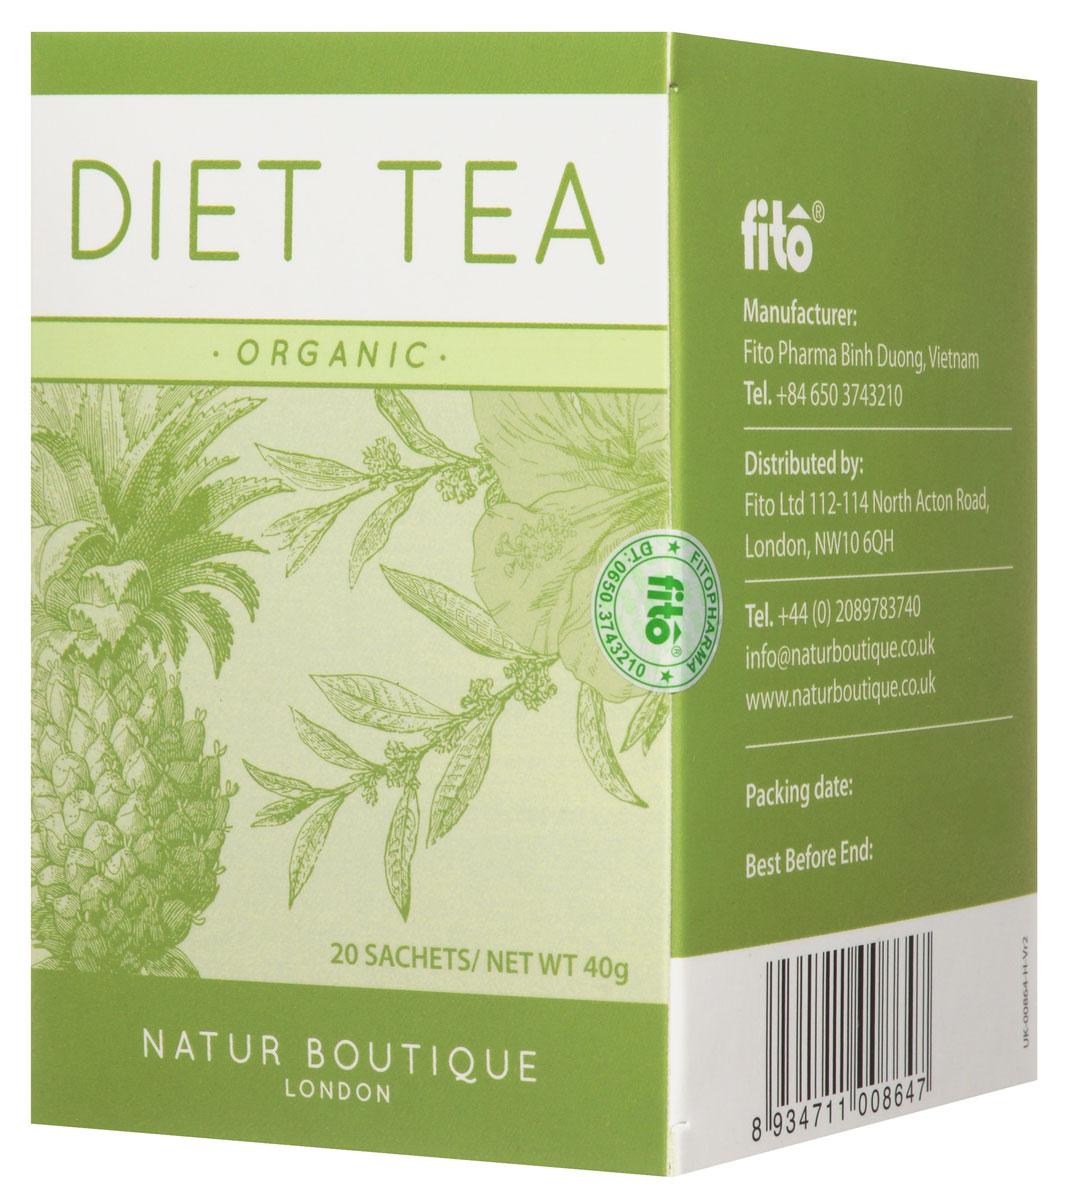 Natur Boutique Diet Organic Tea органический чай диетический, 20 пакетиковTB 1806-50Зеленый чай Natur Boutique Diet Organic Tea помогает похудеть за счет ускорения обмена веществ, регулирования уровня глюкозы, снижения аппетита и улучшения сжигания жиров. Ортосифон имеет мягкое калийсберегающее мочегонное действие, и, таким образом, способствует безопасному похудению. Ананас, благодаря содержанию бромелайна, ускоряет обмен веществ, выводит из организма токсины, делает мочегонное и противовоспалительное действие.Гибискус (каркаде) обладает антиоксидантным, мягким мочегонным и слабительным действием, а также укрепляет сосуды и нормализует пищеварение. Состав: органический зеленый чай, трава органического ортосифона, плоды органического ананаса, цветы органического гибискуса.Органический чай на основе зеленого чая, ортосифона, ананаса и гибискуса удивит приятным фруктовым вкусом и поможет на пути к стройной фигуре. Все растения, входящие в состав чая, выращены без использования синтетических пестицидов и минеральных удобрений на лучших плантациях Вьетнама.